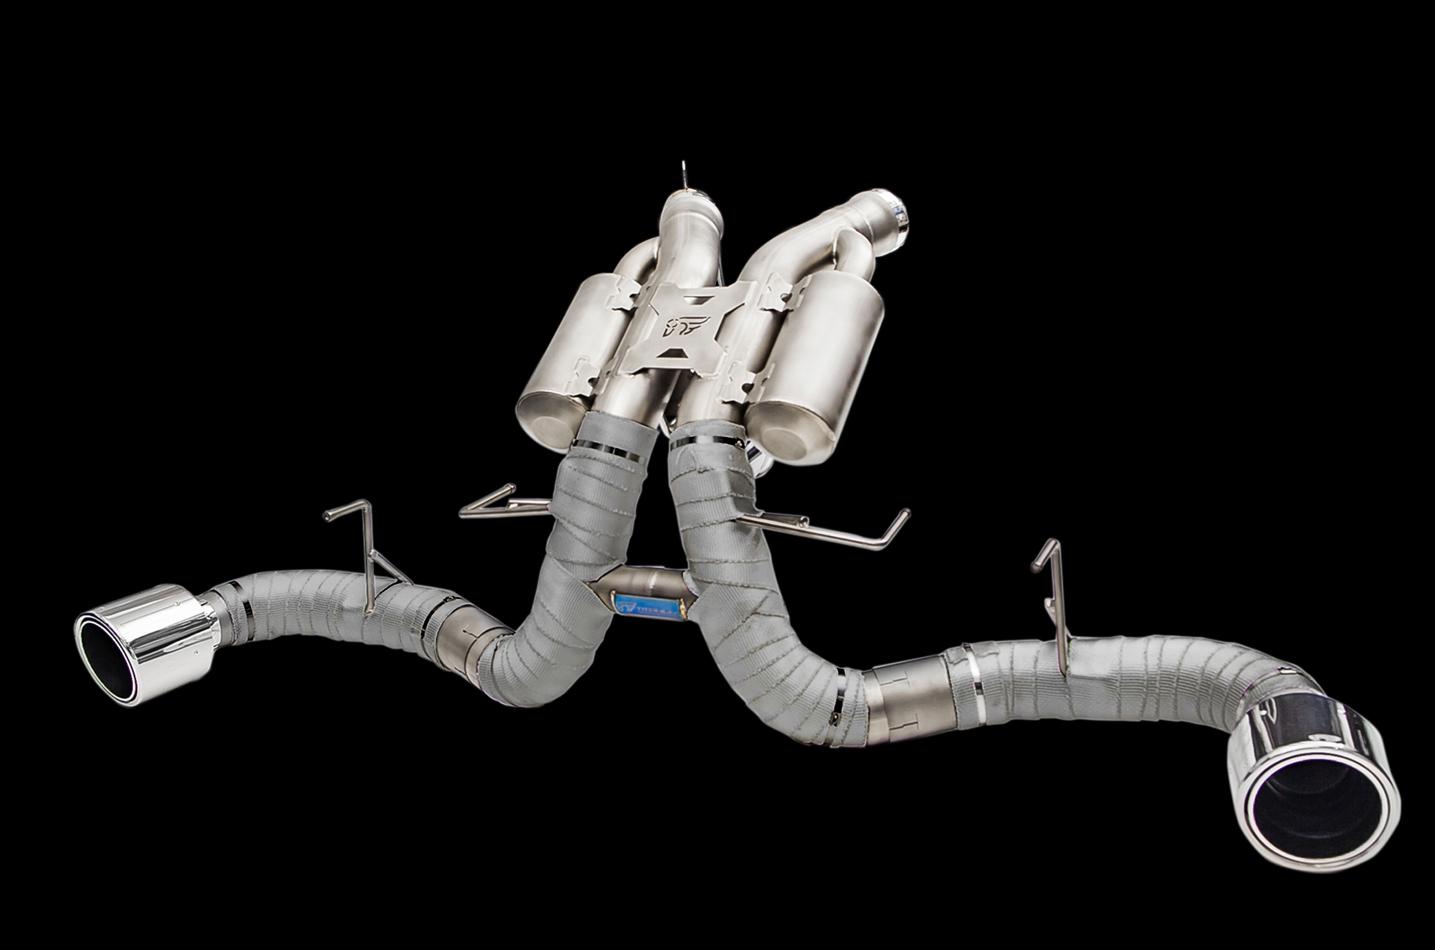 IPE exhaust system for McLaren 540C / 570S / 570GT / 570S Spider